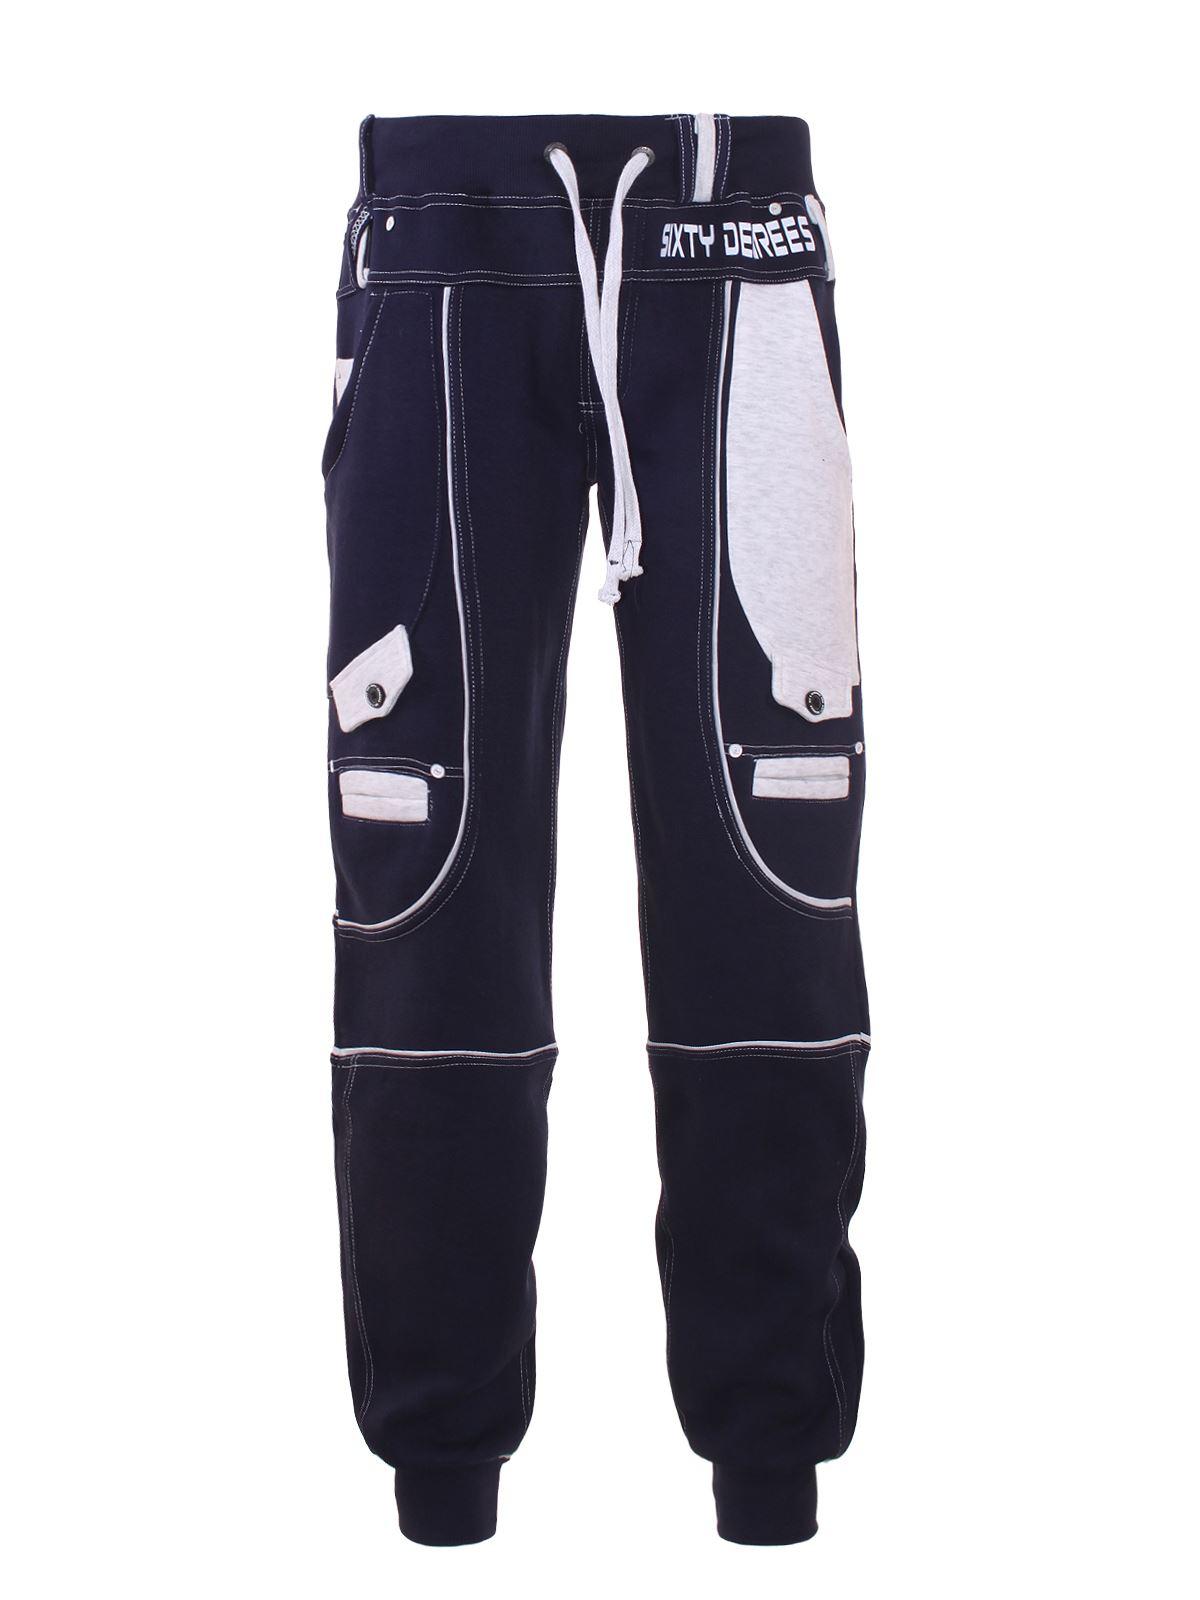 Uomo-Pile-Jogging-Pantaloni-da-denim-DESIGN-SPORT-ALLENAMENTO-Casual-S-XL